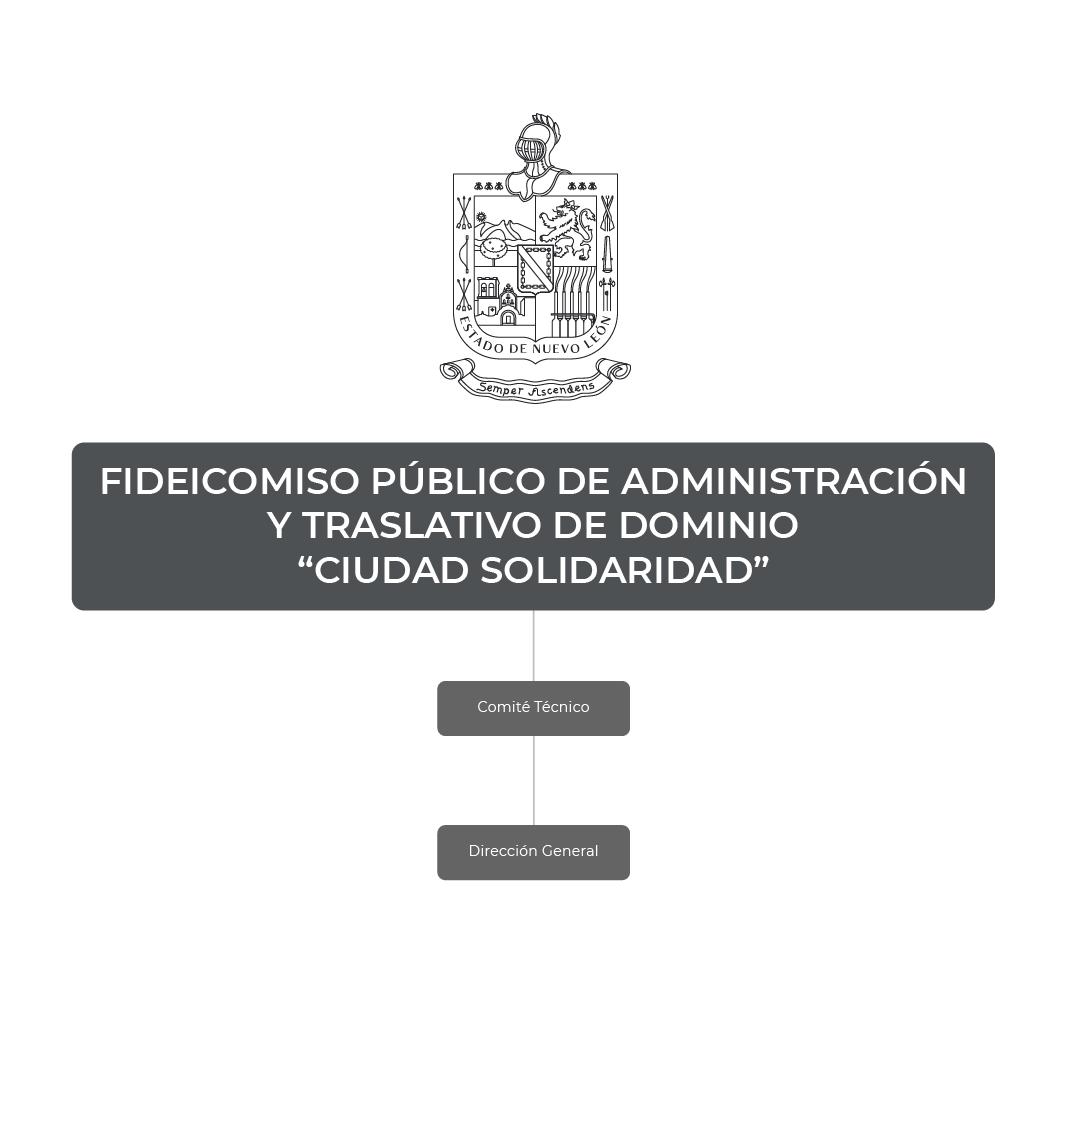 """Organigrama del Fideicomiso Público de Administración y Traslativo de Dominio """"Ciudad Solidaridad"""""""